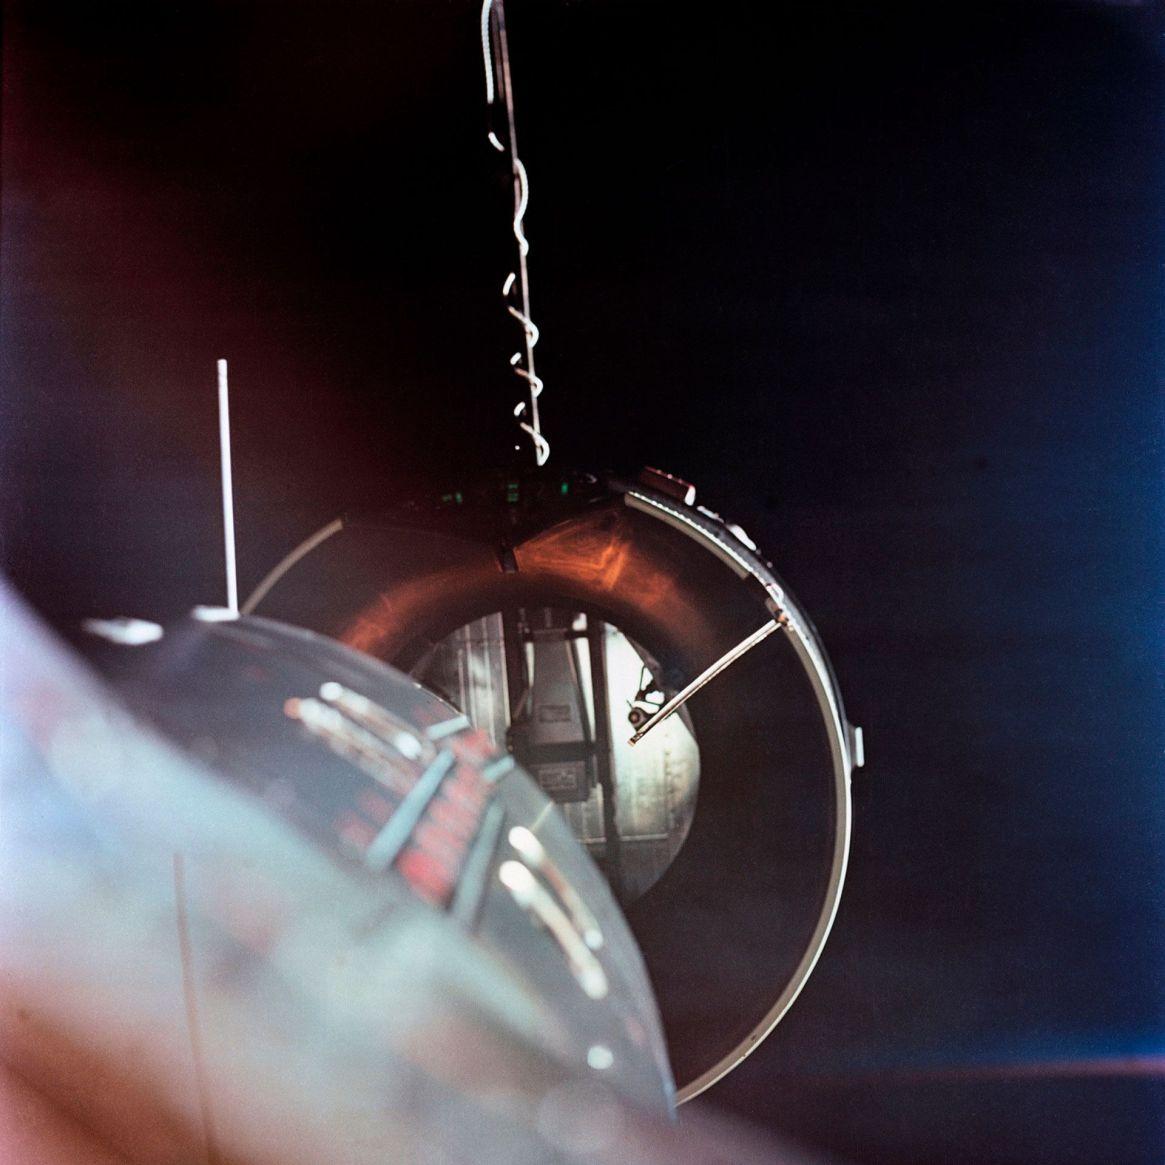 Ilustración del Gemini 8 aproximándose al Agena para el primer acoplamiento de dos naves espaciales en órbita el 16 de marzo de 1966 (Shutterstock)